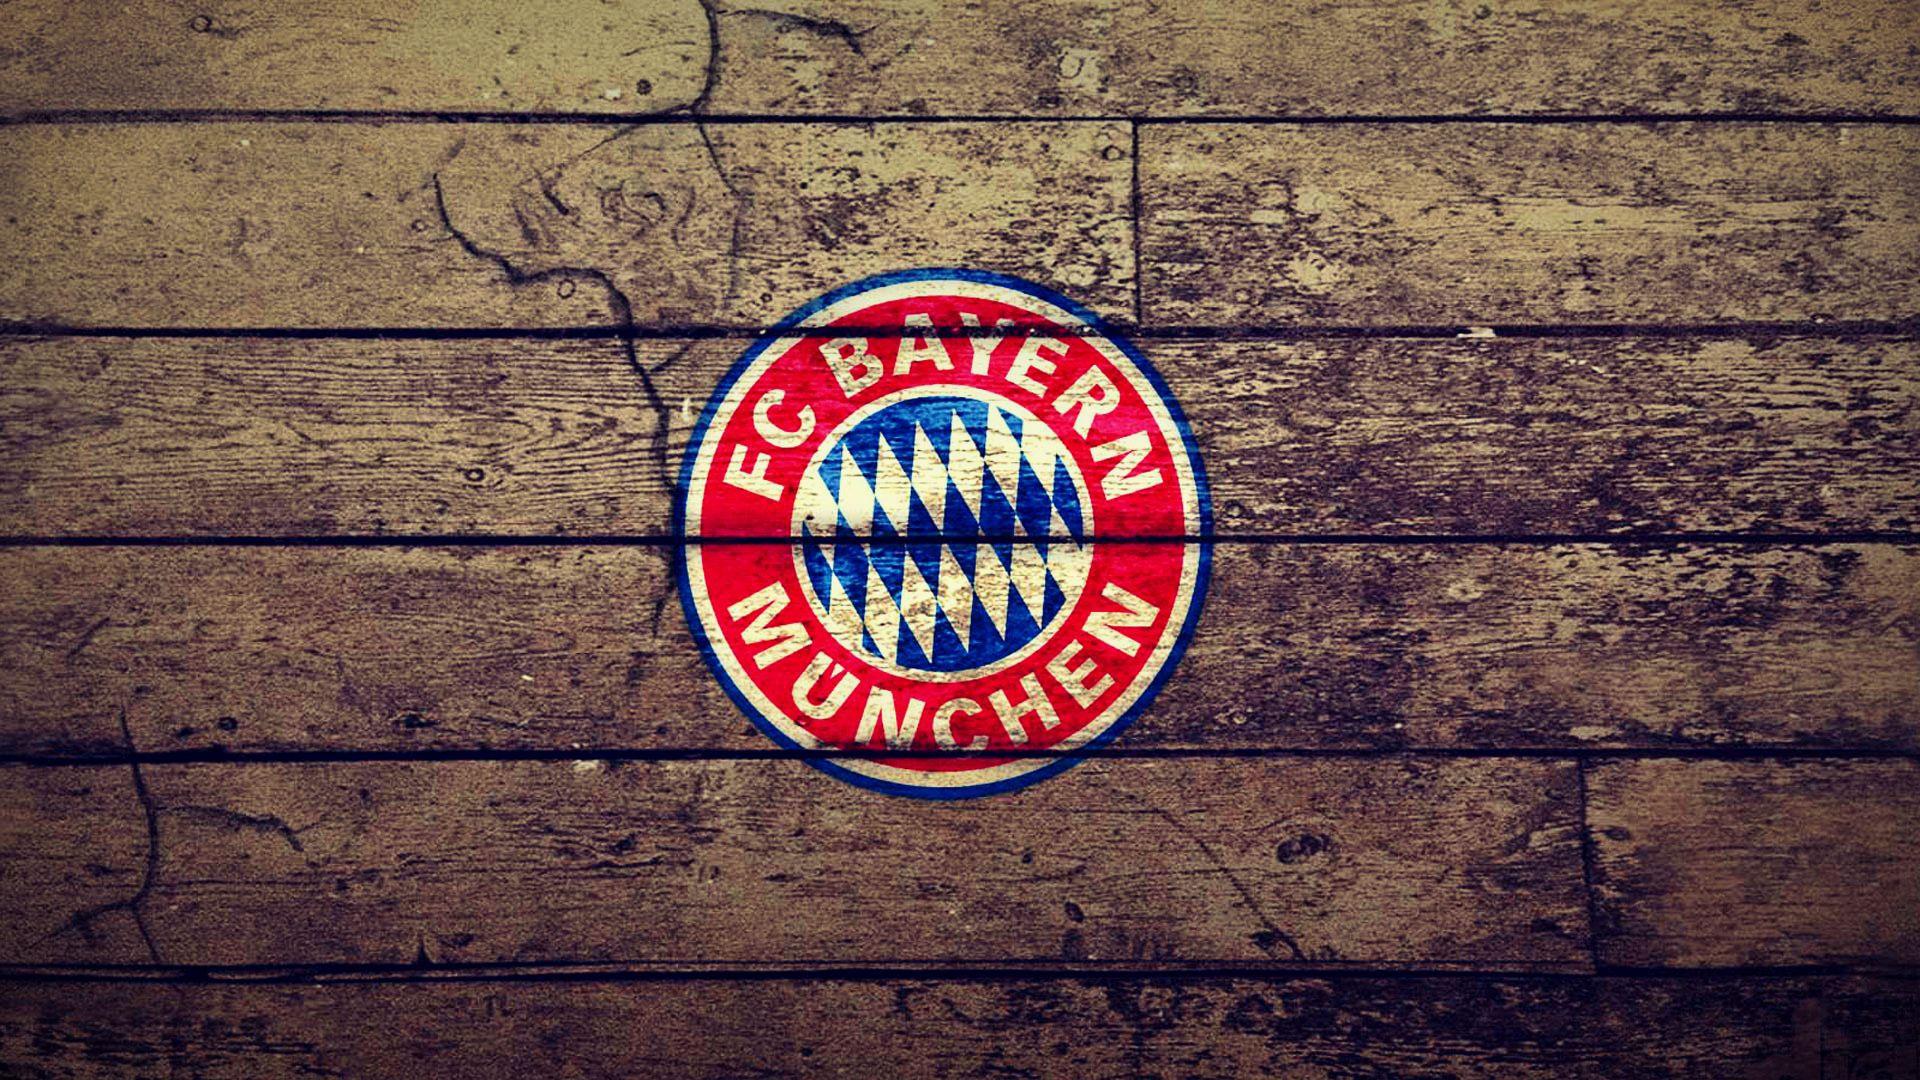 Mia San Mia Fc Bayern Munchen Logo Hd Wallpapers For Iphone Fc Bayern Munchen Wallpapers Wallpaper Cave